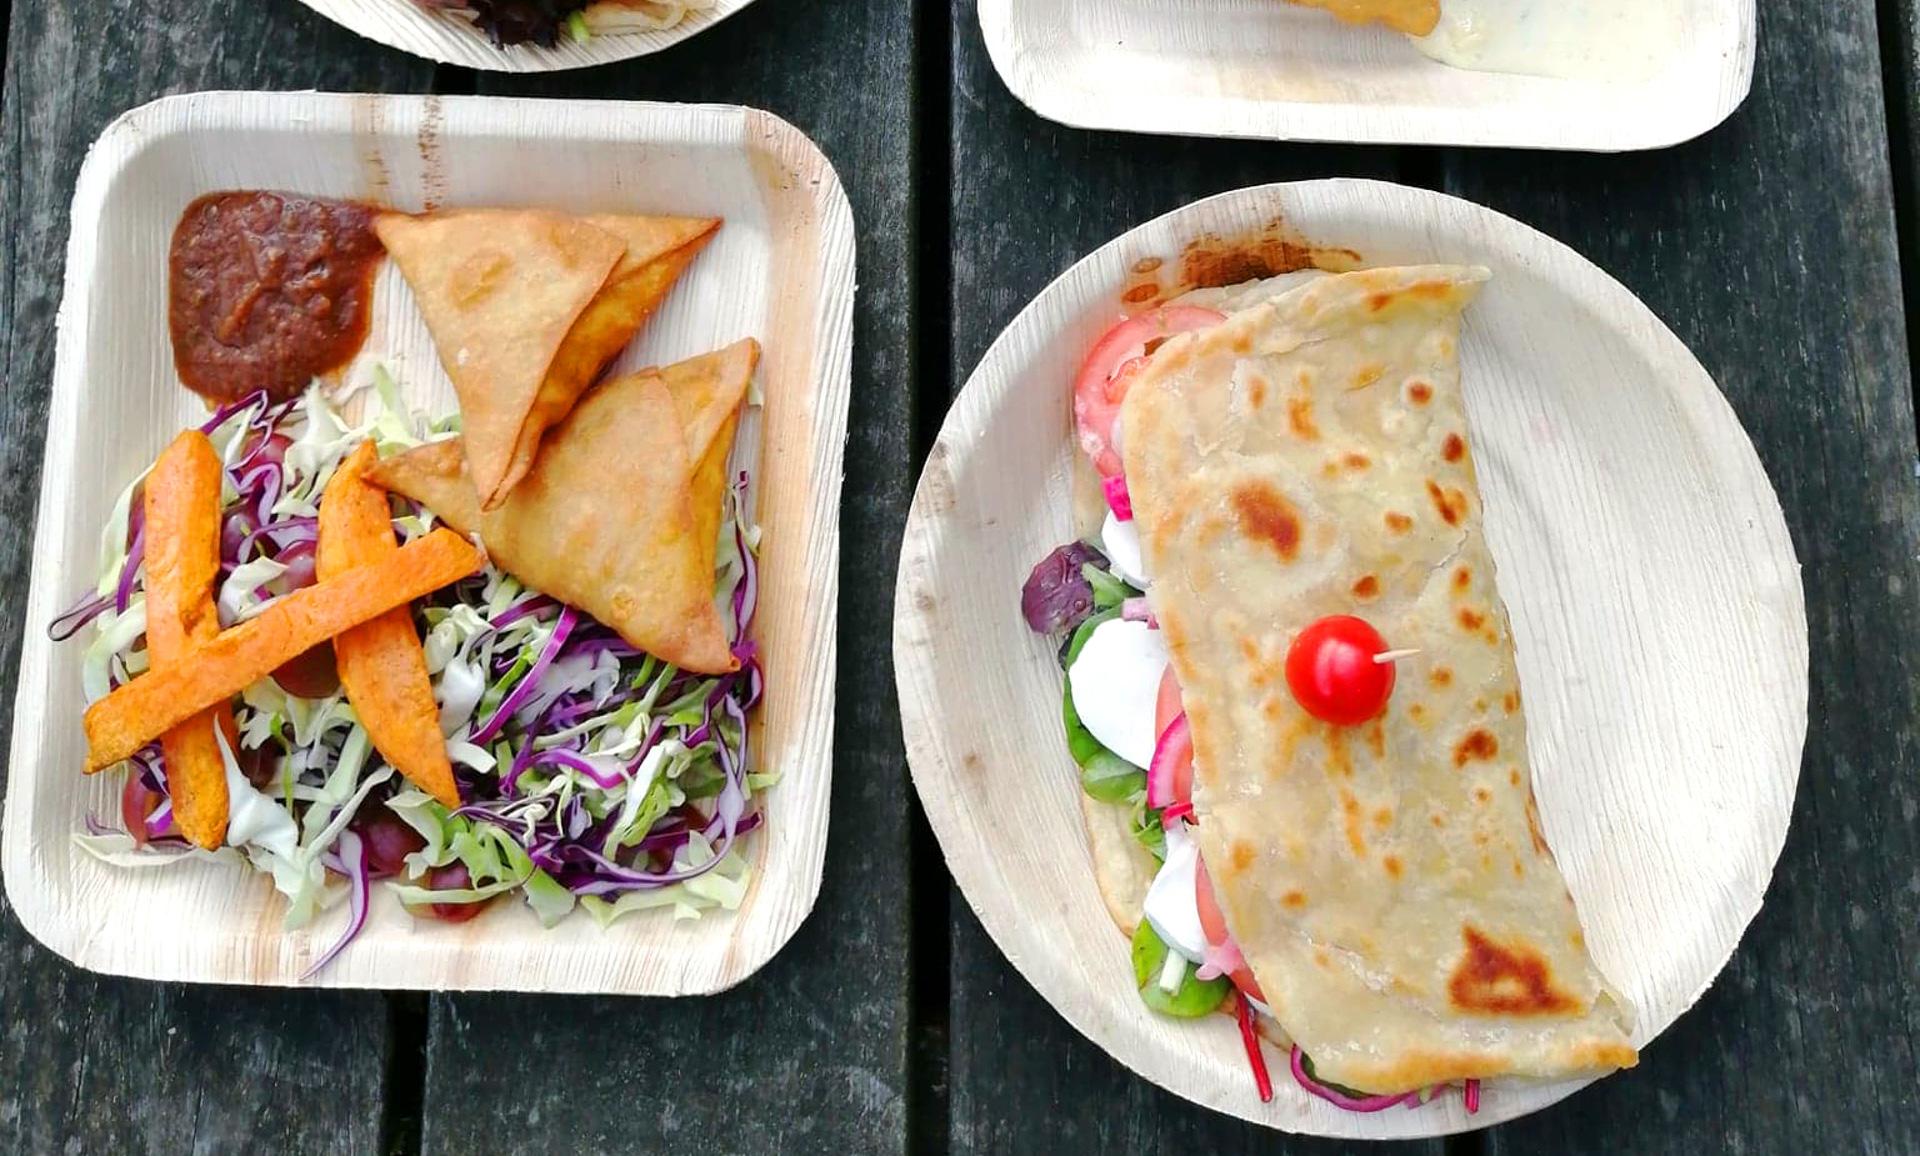 Street Food: Populært østafrikansk madkoncept åbner på Aarhus Central Food Market